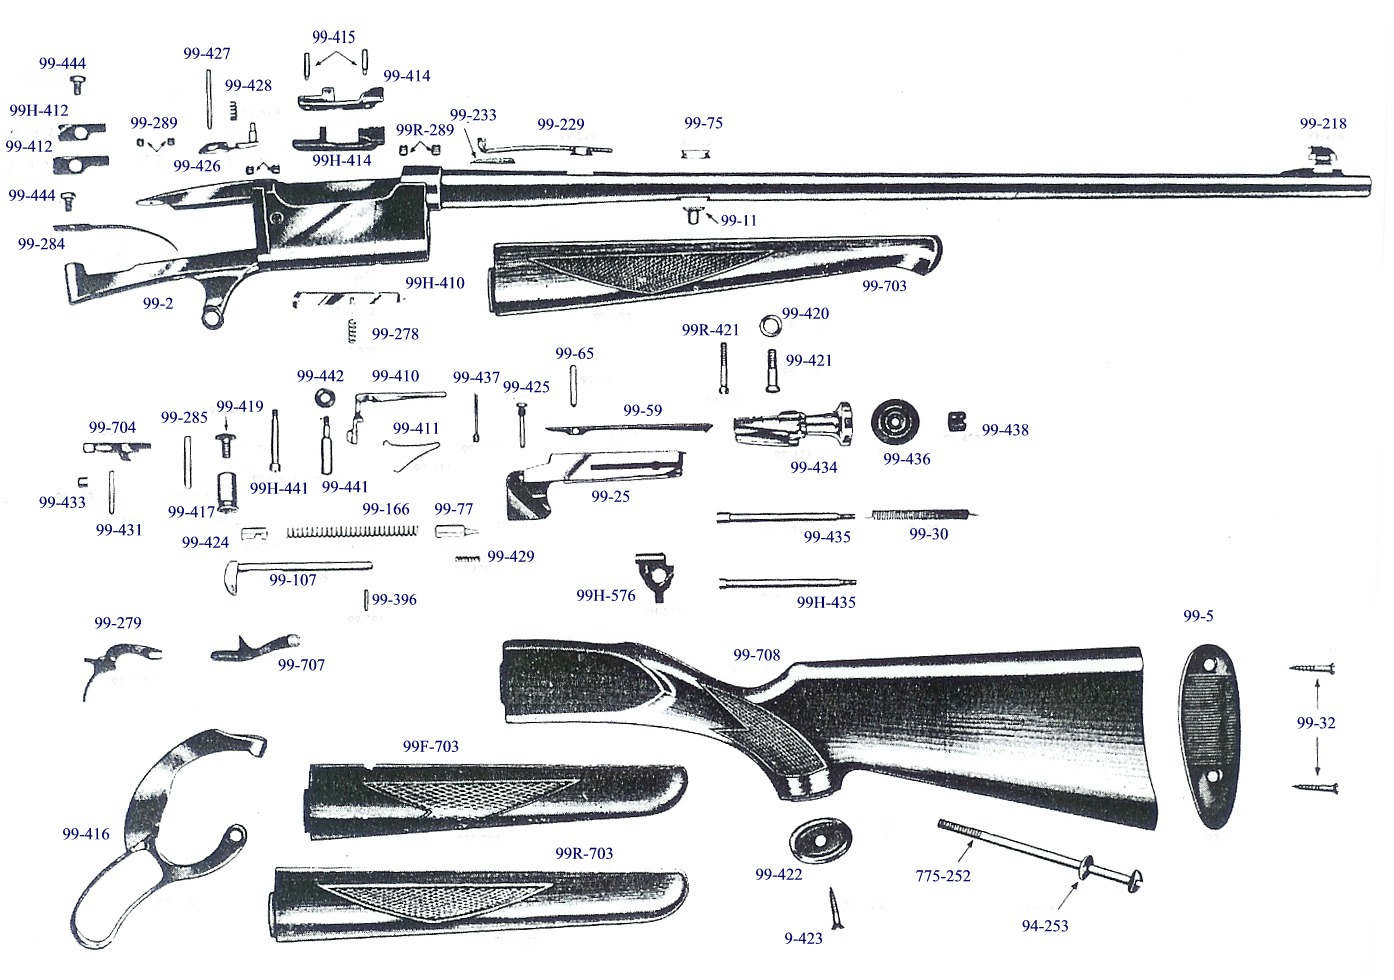 savage model 110 parts diagram rheem heat pump air handler wiring schematic get free image about